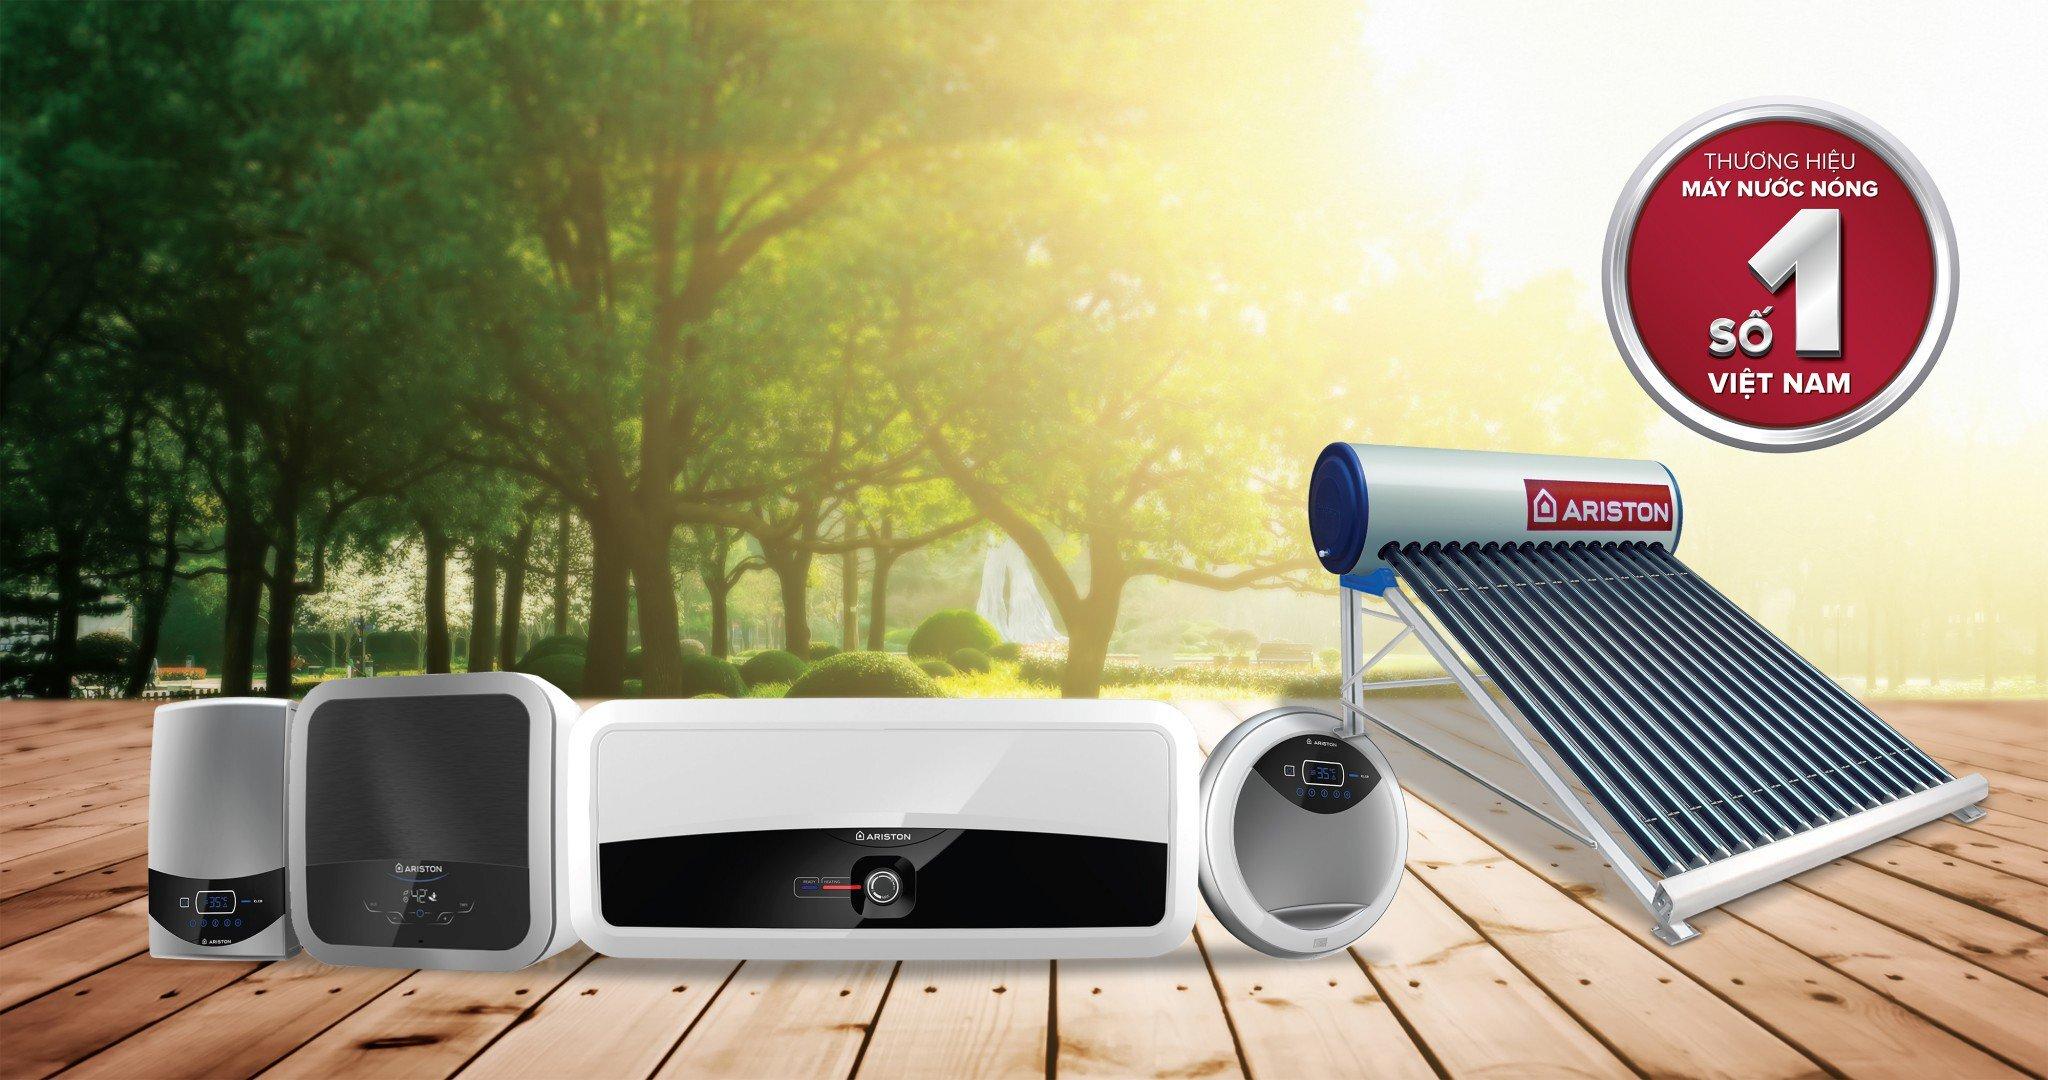 Các sản phẩm máy nước nóng của Ariston